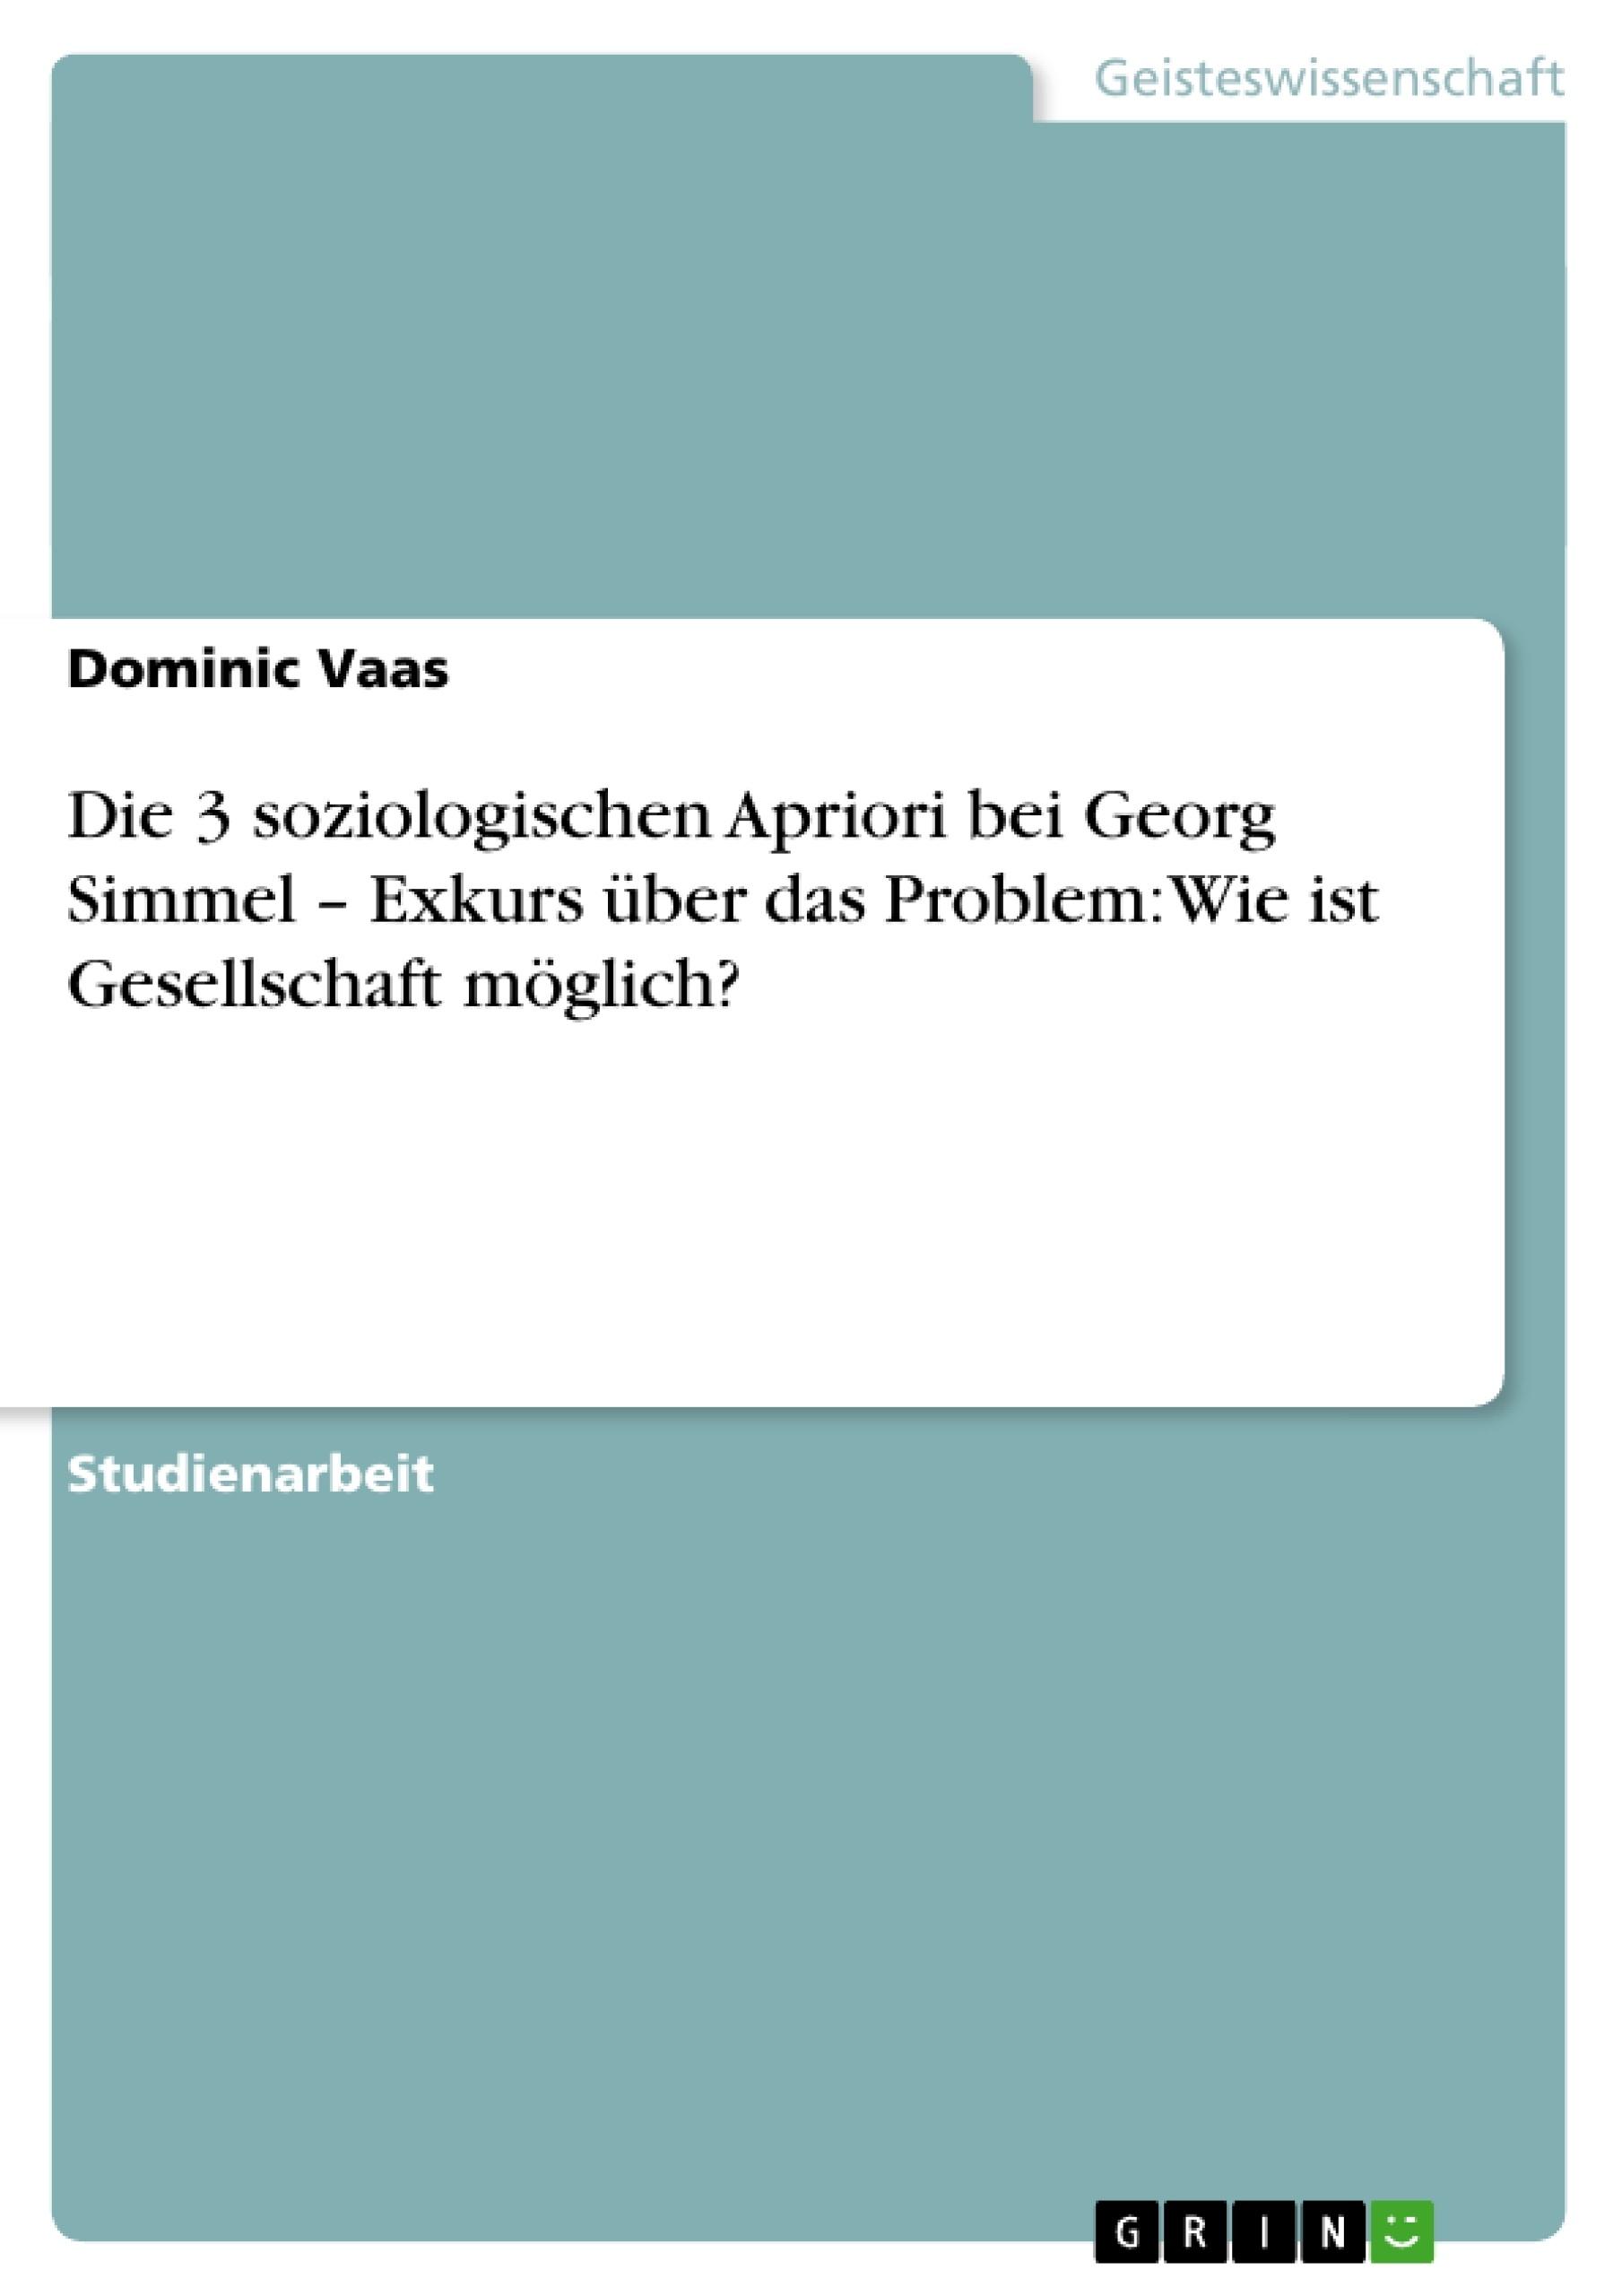 Titel: Die 3 soziologischen Apriori bei Georg Simmel – Exkurs über das Problem: Wie ist Gesellschaft möglich?